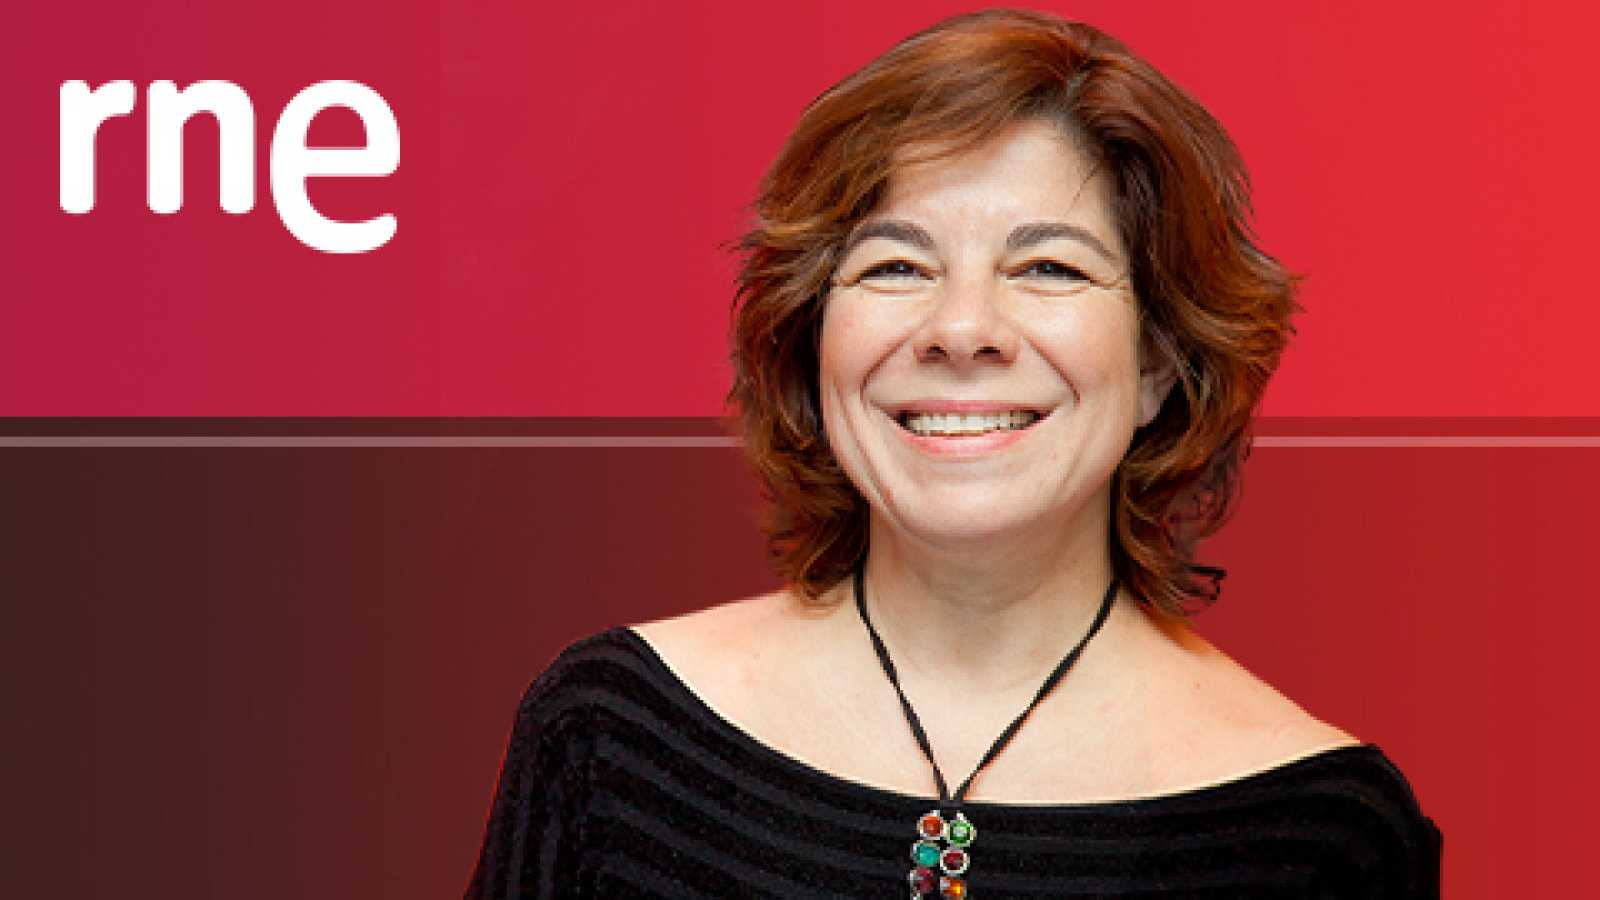 Músicas posibles - La sonrisa de Krahe - 17/11/16 - escuchar ahora